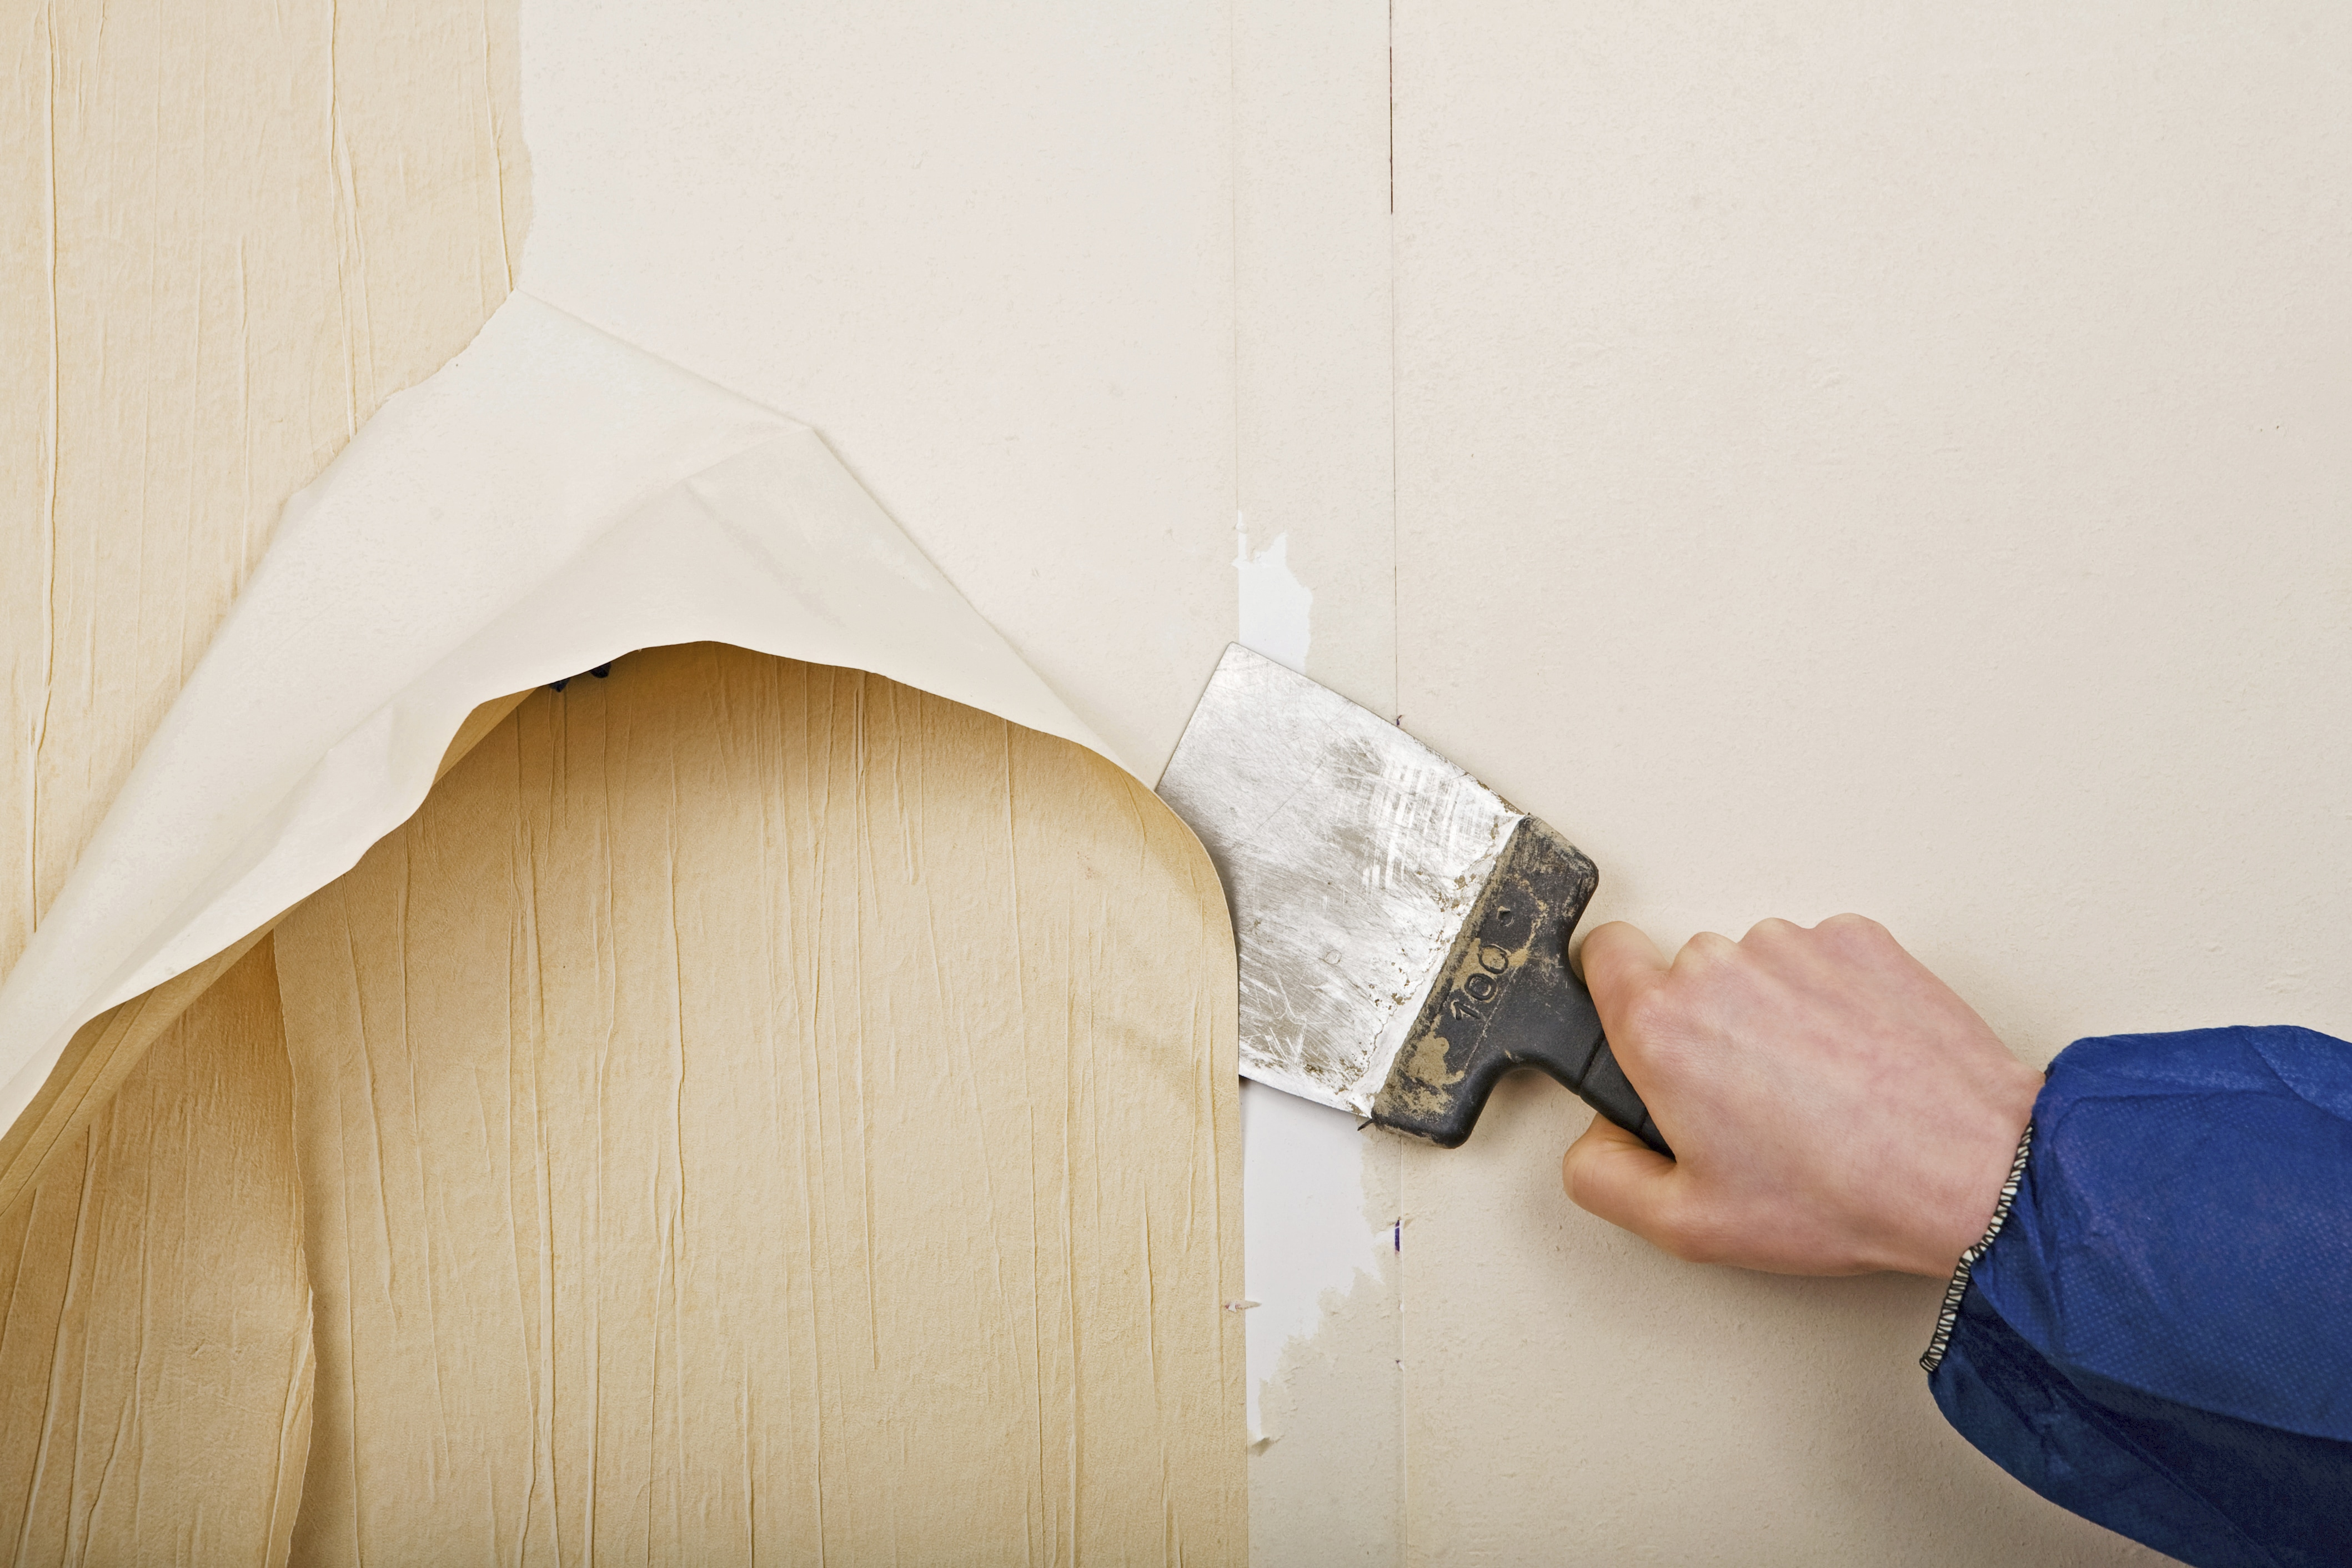 Como quitar el papel vinílico de la pared de yeso del baño